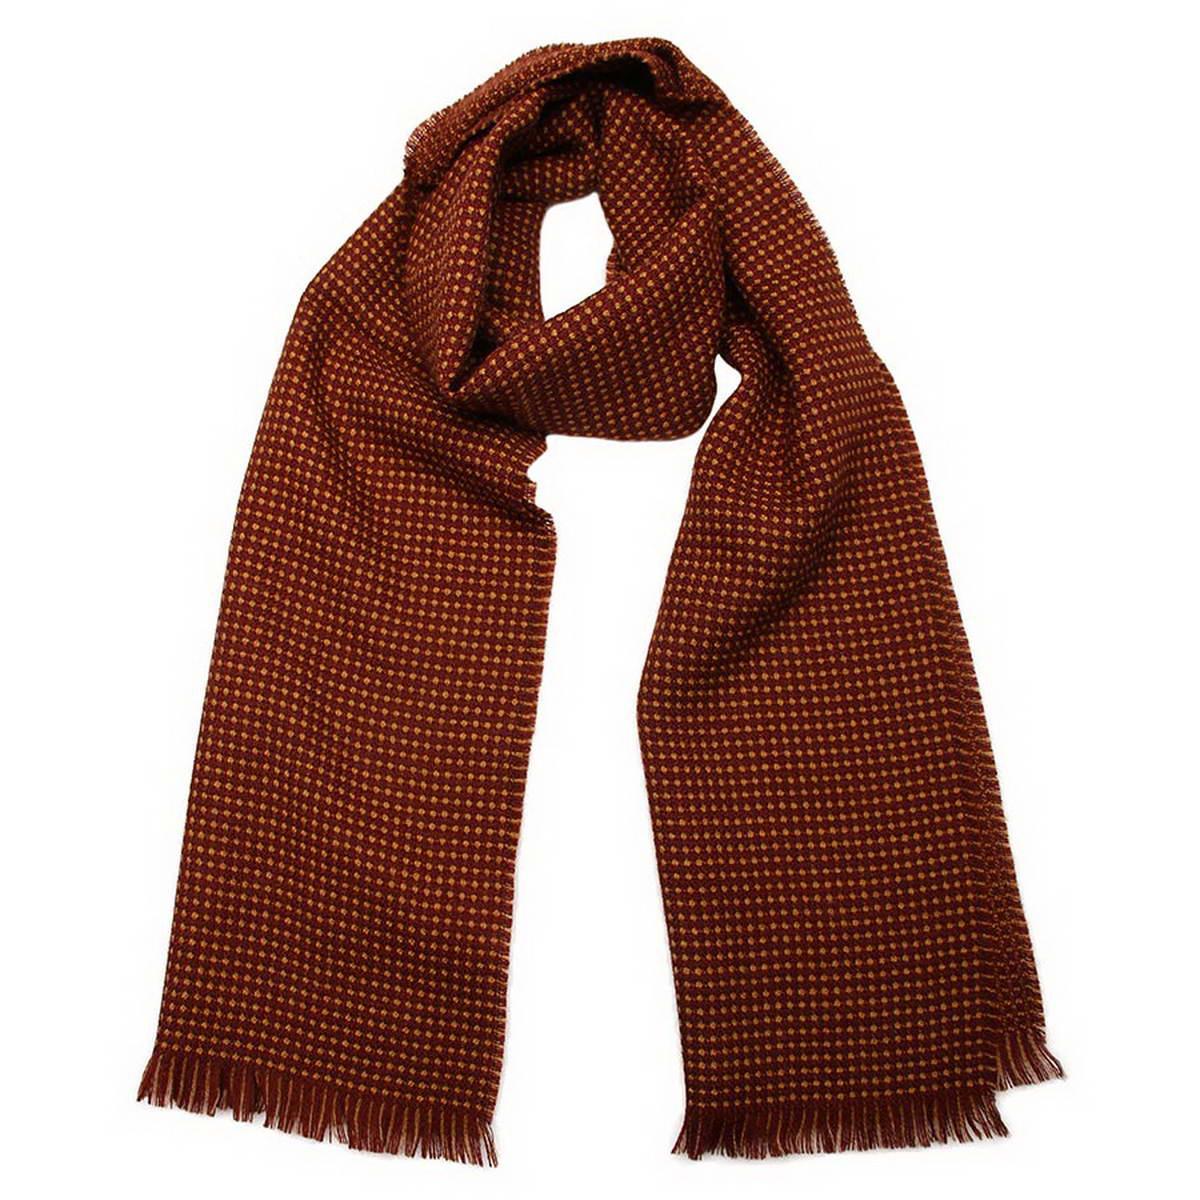 Шарф5001832-1Стильный мужской шарф Venera будет прекрасно согревать в осеннюю прохладу и морозы. Шарф выполнен из натуральной шерсти и оформлен по краям бахромой. Классический шарф идеально дополнит мужской образ, а ненавязчивый дизайн сделает аксессуар универсальной вещью, которая удачно дополнит любую верхнюю одежду мужчины, подчеркнет неповторимый вкус и элегантность.